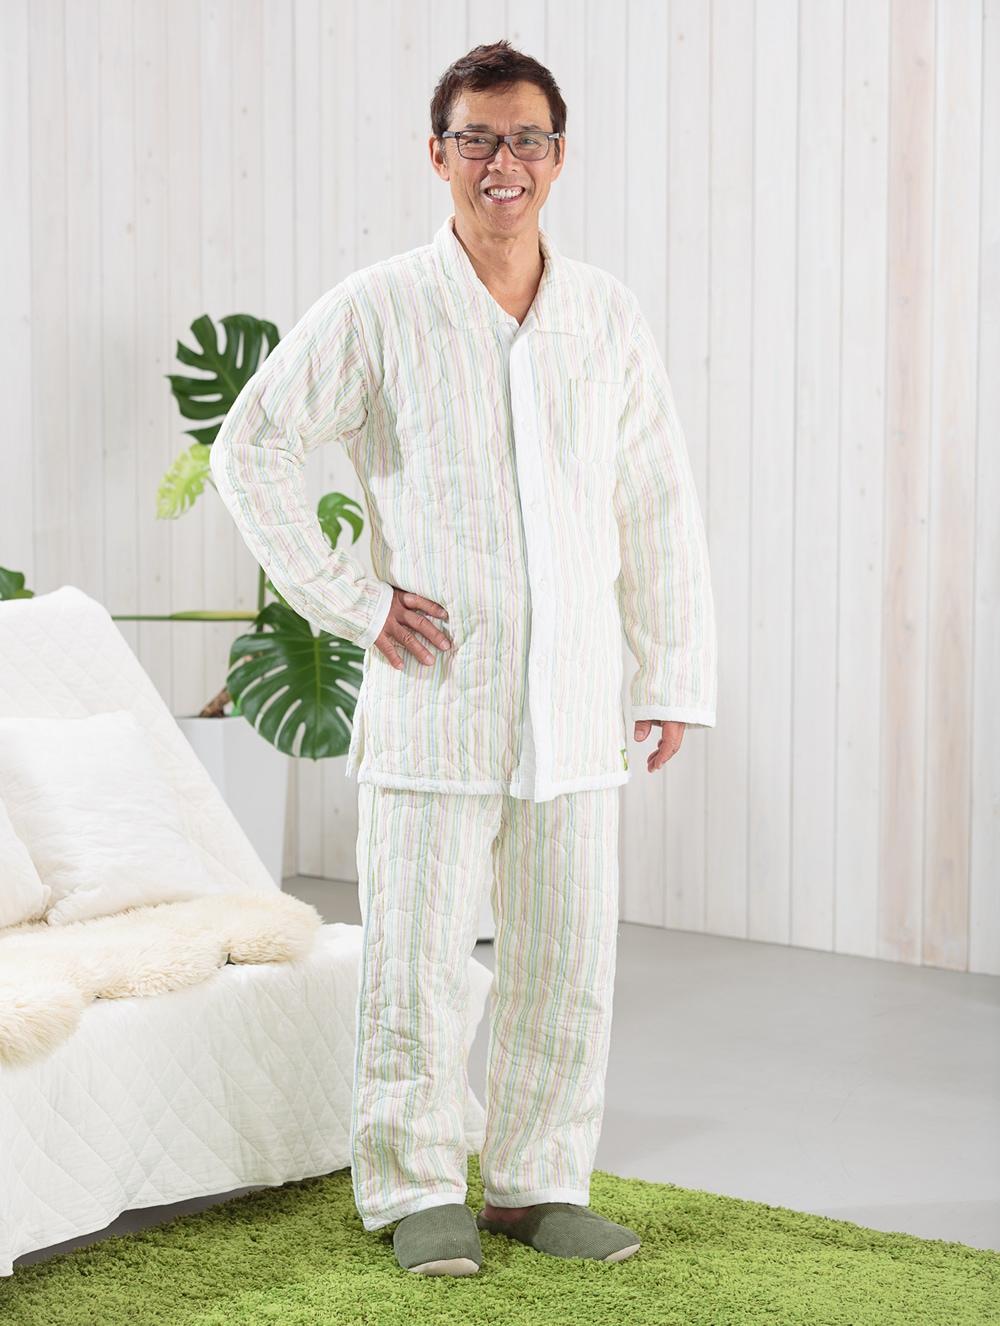 冬用パシーマパジャマ ストライプ柄 アトピーや敏感肌、睡眠にお悩みの方へ、ぐっすり熟睡!男女共通デザイン